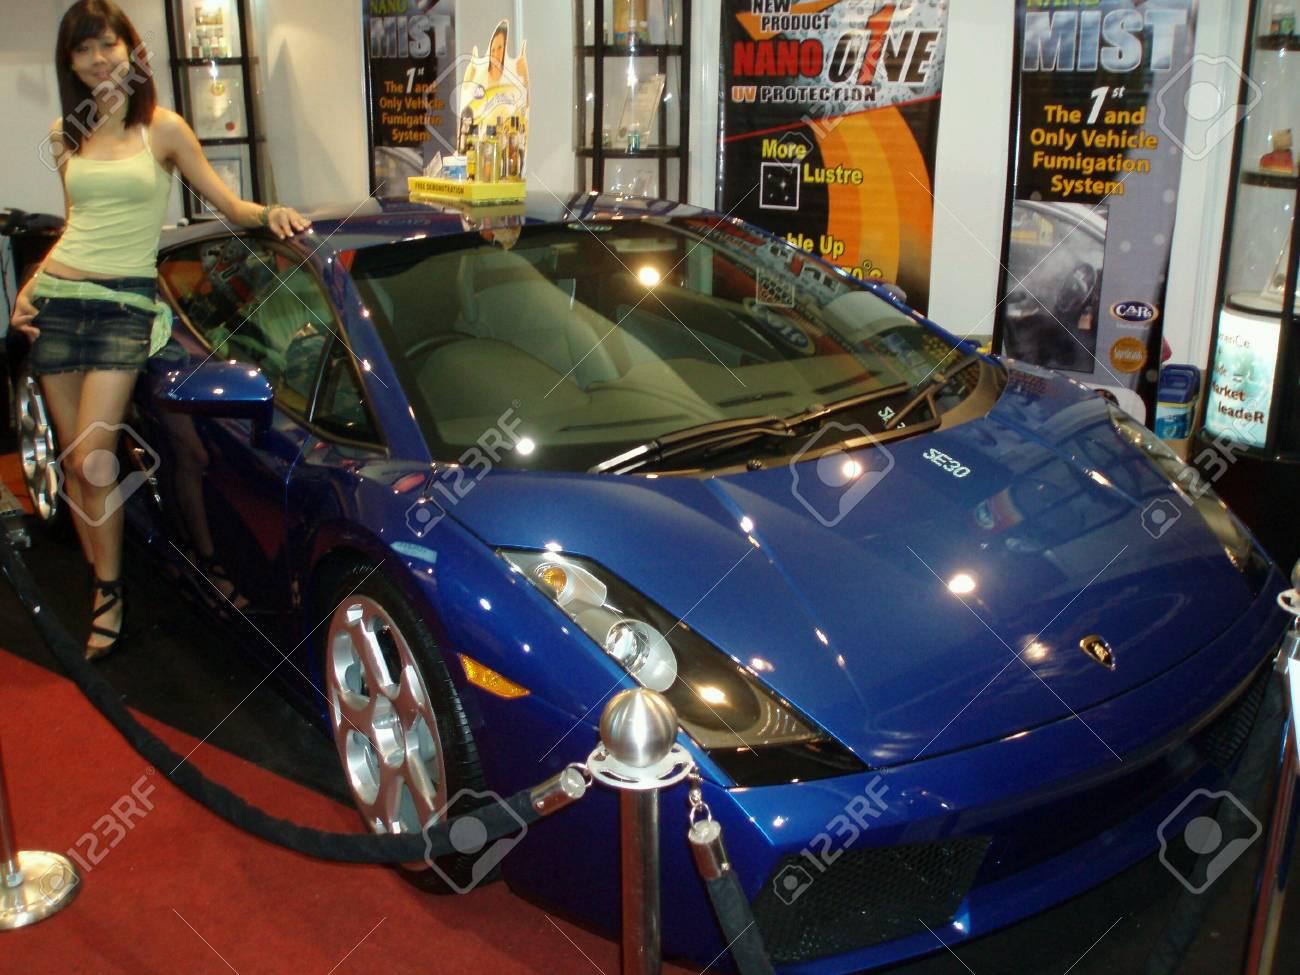 Kuala Lumpur Malaysia May 31 Lamborghini Gallardo Displayed